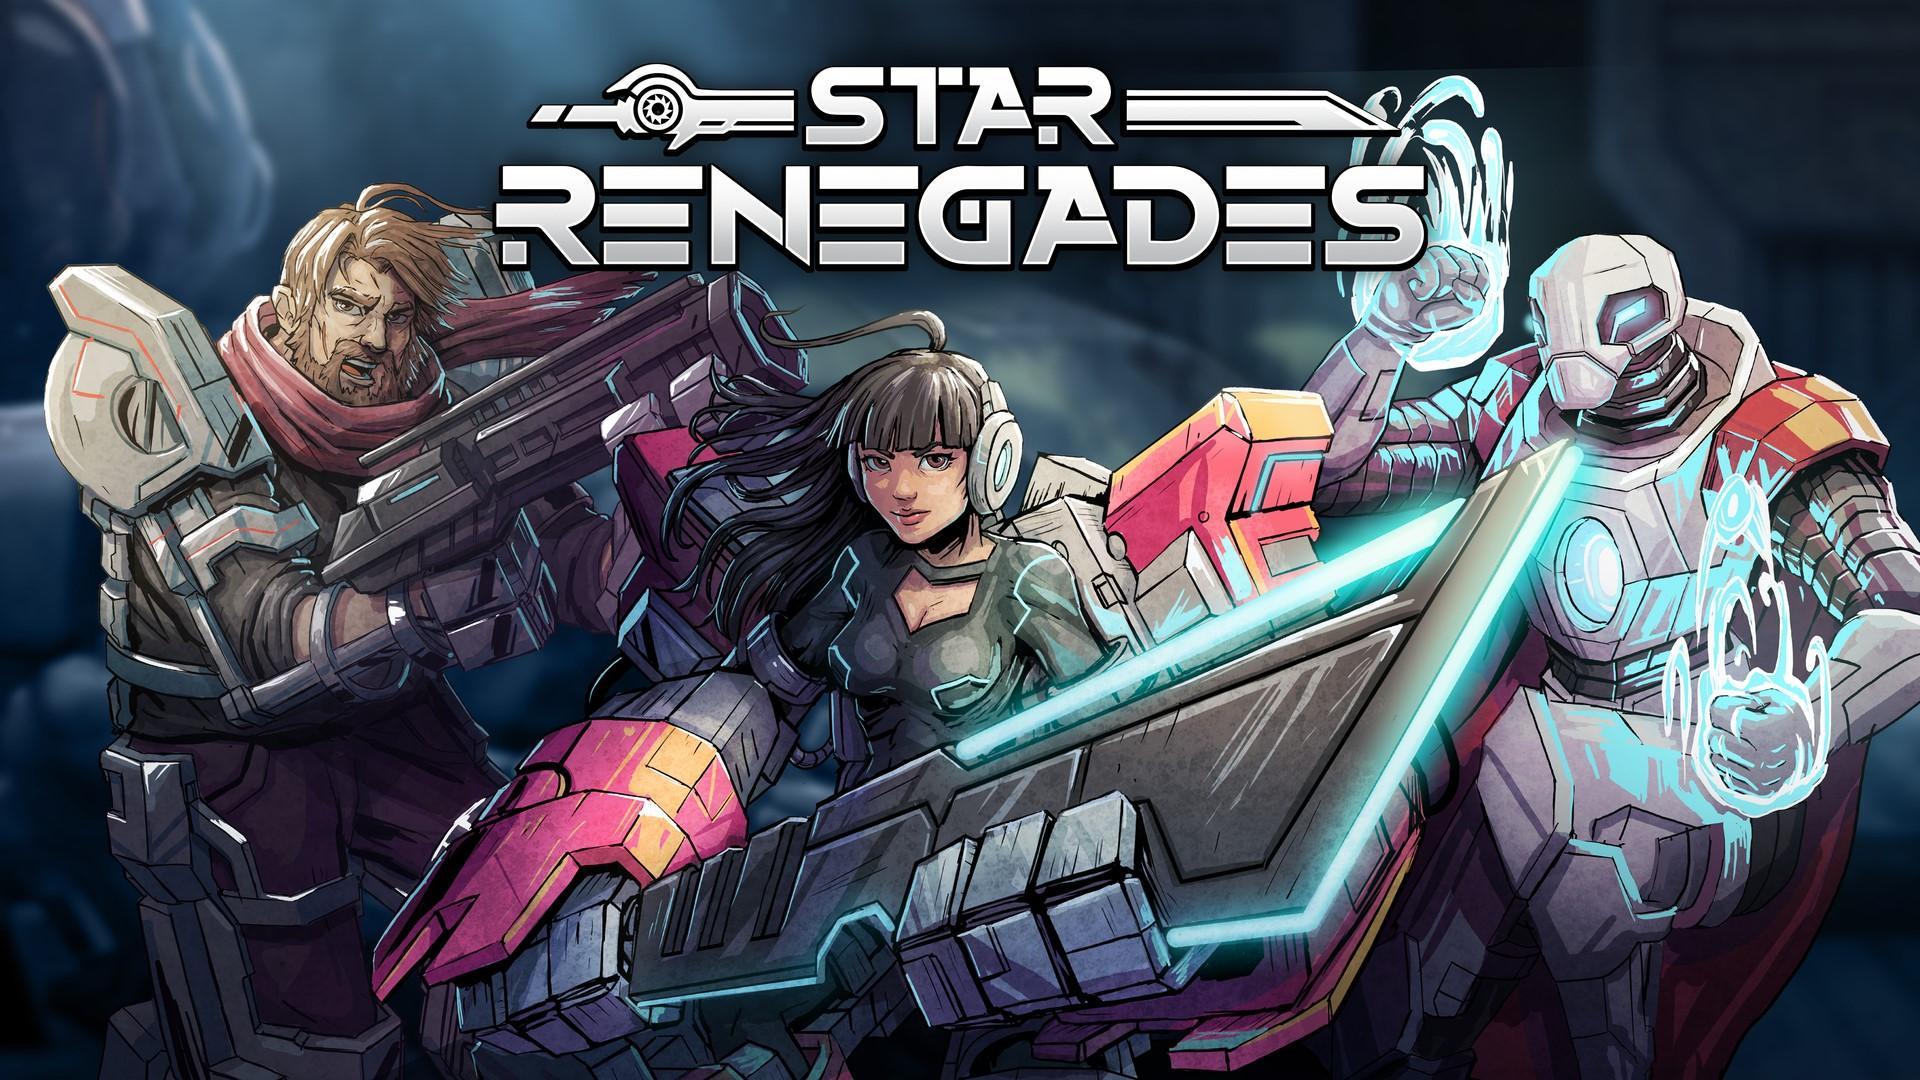 Star Renegades Maintenant Disponible Sur Xbox Game Pass Pour Pc